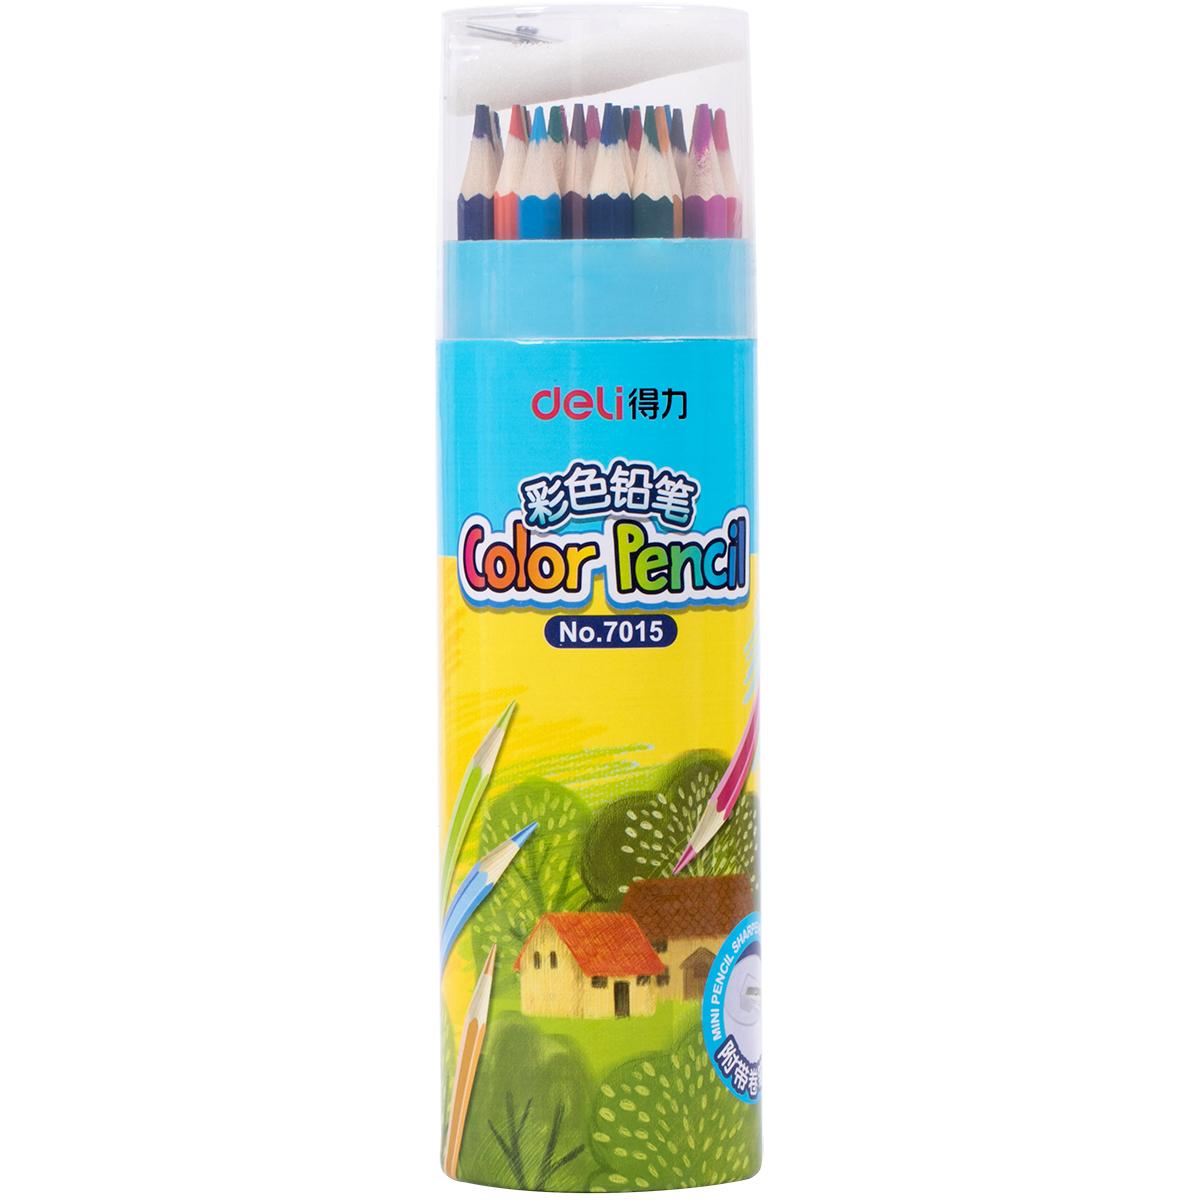 得力彩色铅笔12/18/24/36色筒装绘画铅笔 画画铅笔 彩铅儿童